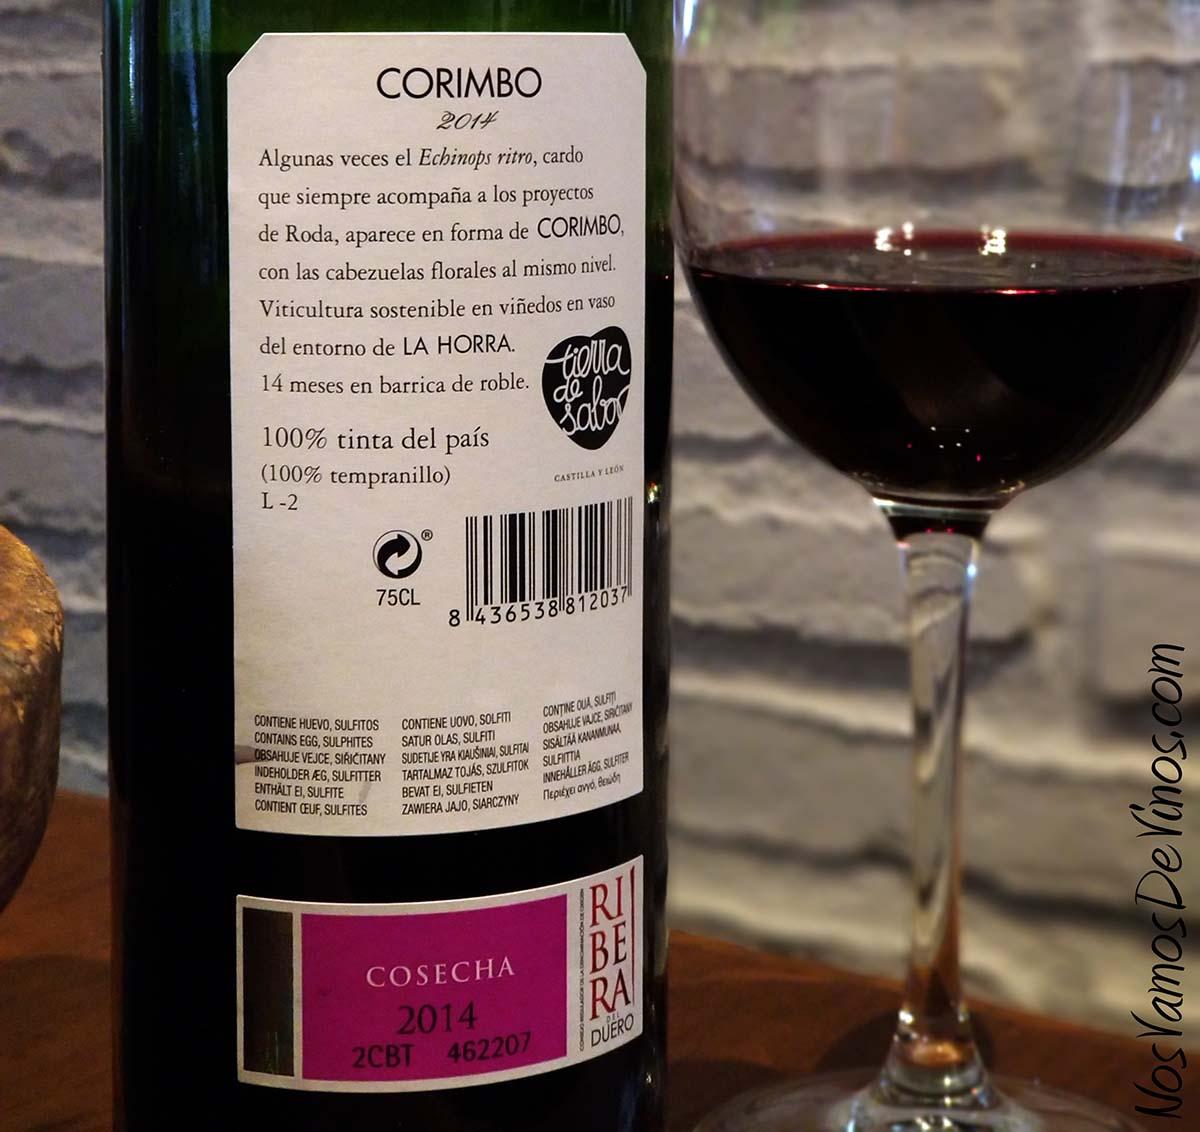 Corimbo 2014 Etiqueta Trasera